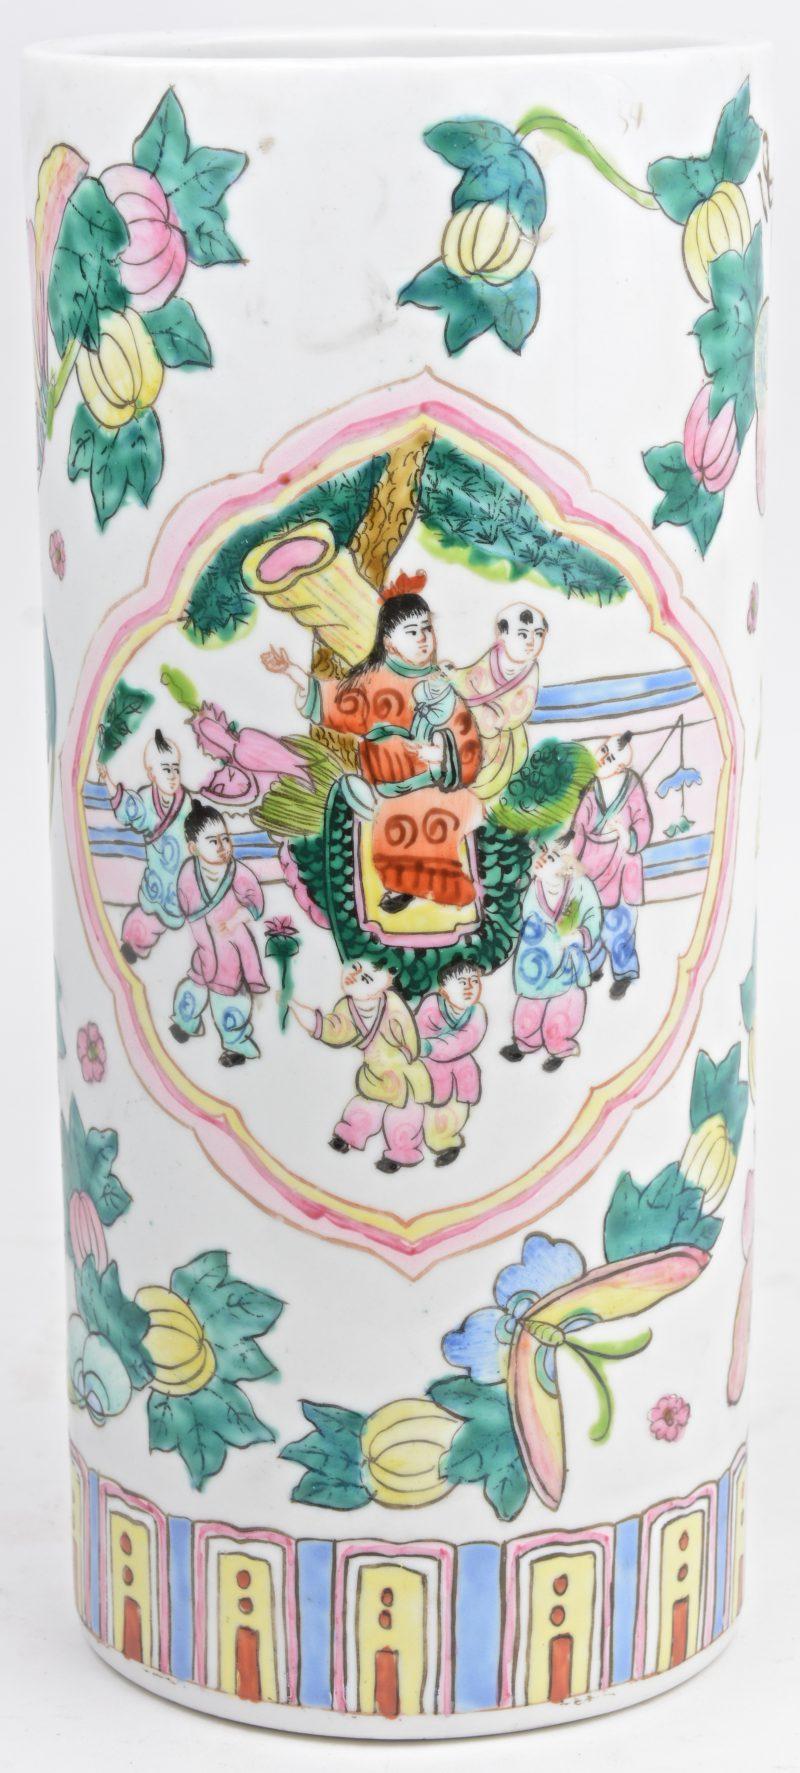 Een penseelkoker van Chinees porselein met een meerkleurig decor van personages in cartouches, omgeven door vlinders en bloemen.